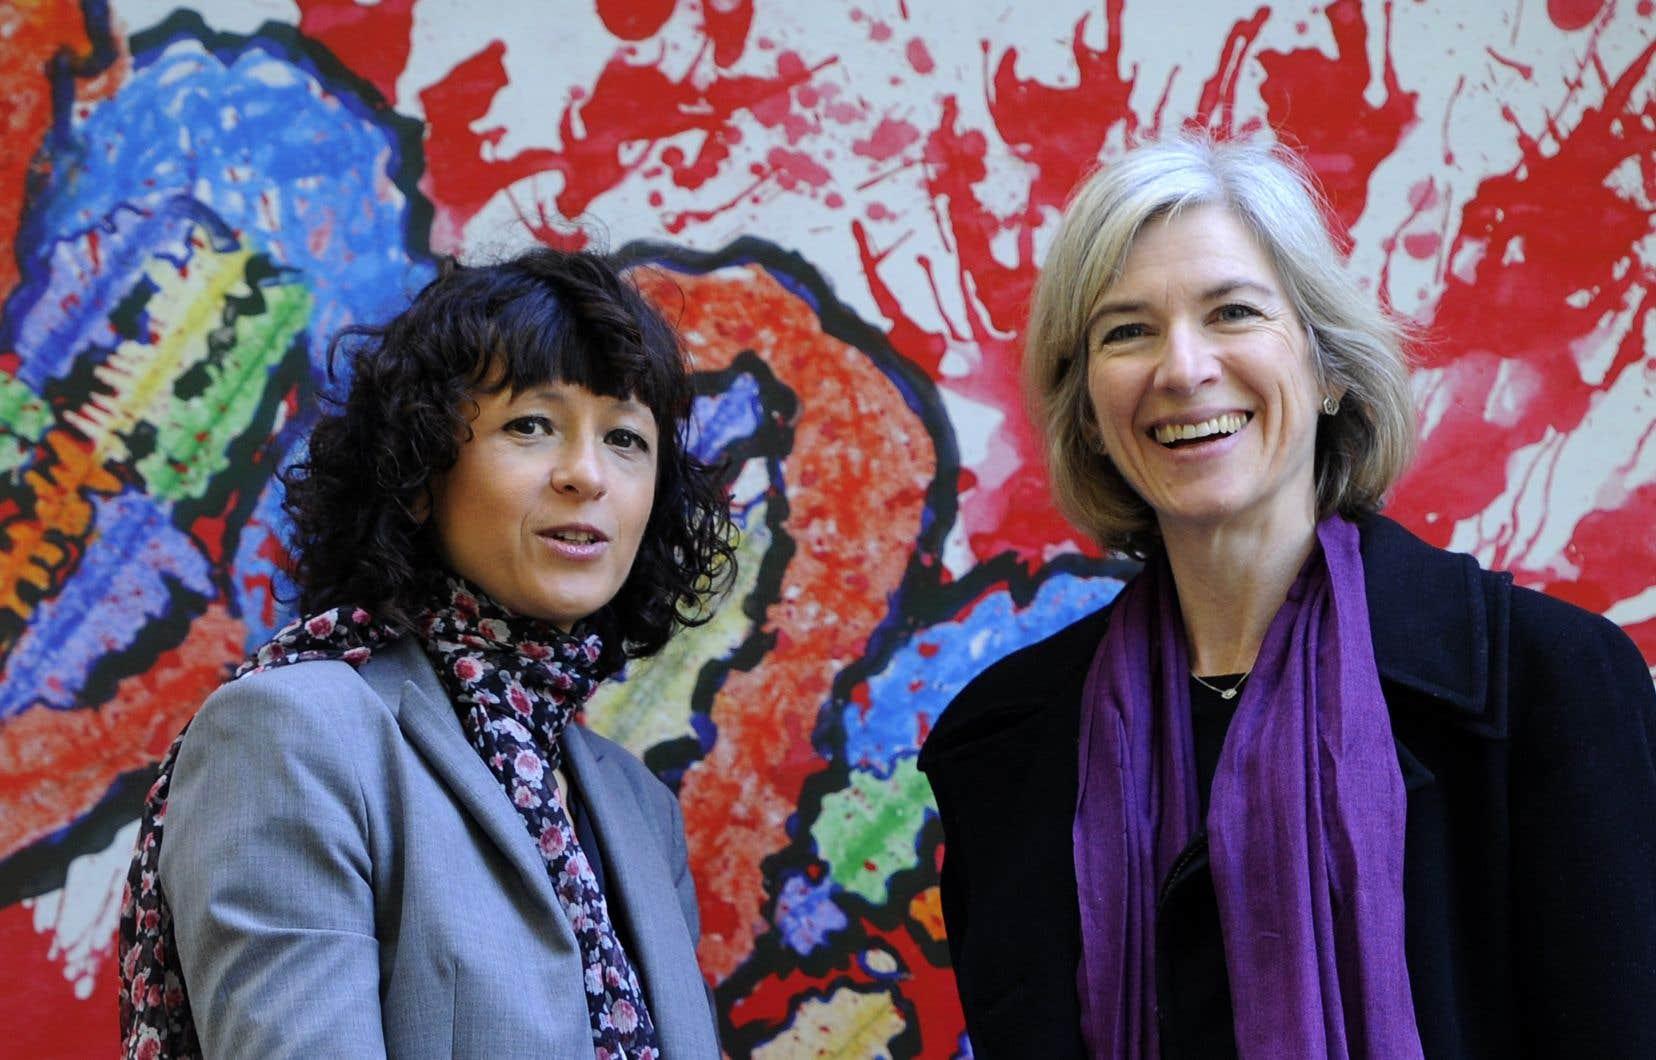 La Française Emmanuelle Charpentier et l'Américaine Jennifer Doudna ont mis au point des «ciseaux moléculaires» capables de modifier les gènes humains, une percée révolutionnaire.